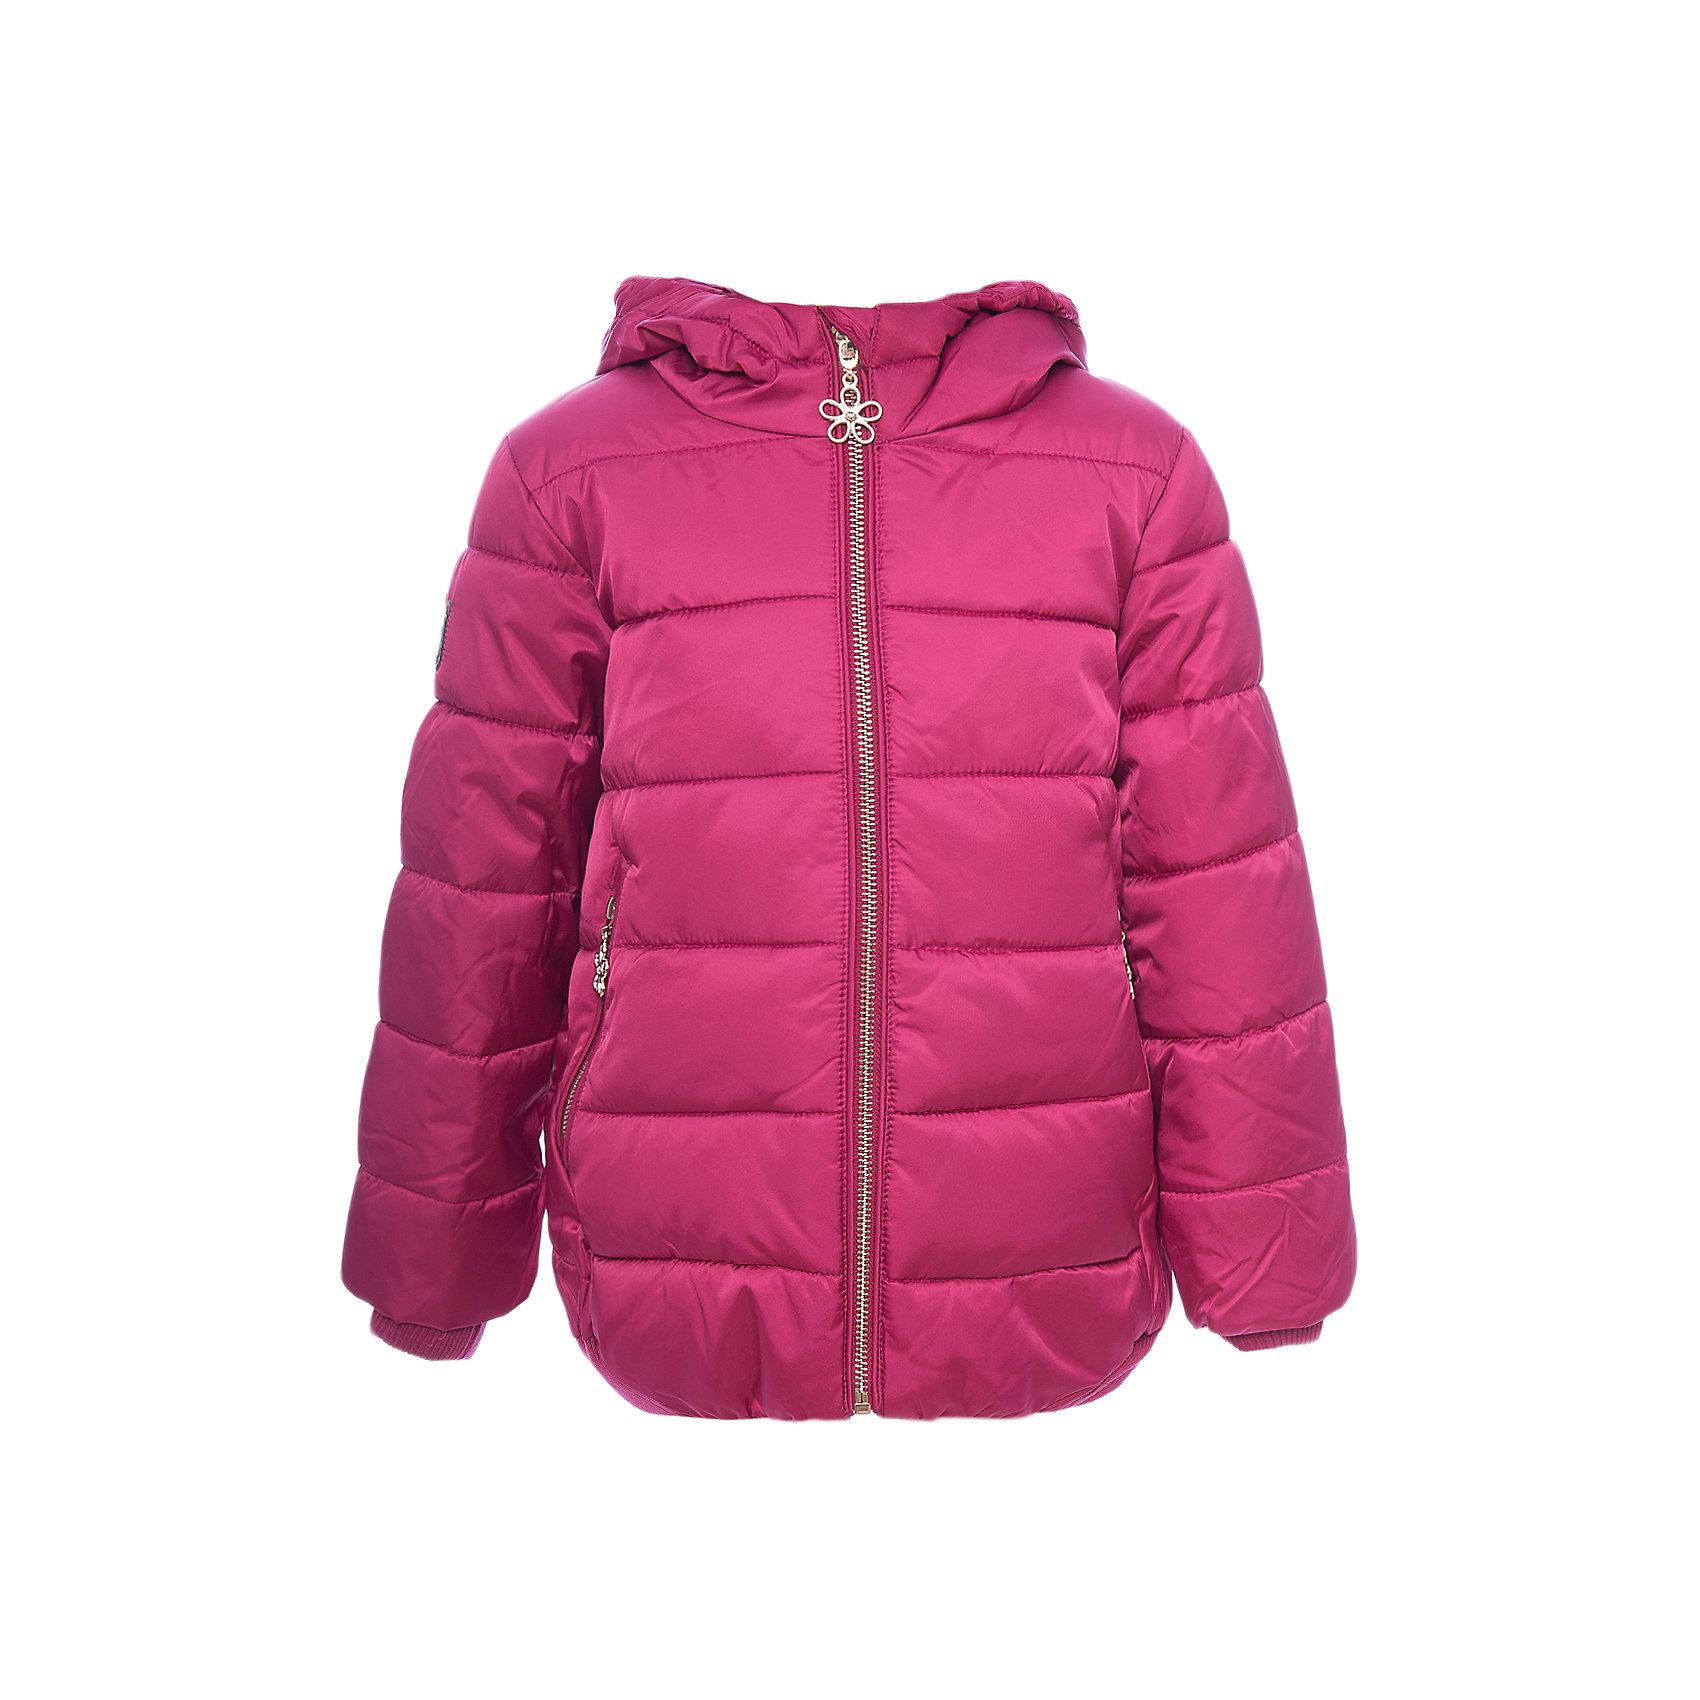 Куртка PlayToday для девочкиВерхняя одежда<br>Куртка PlayToday для девочки<br>Утепленное стеганое пальто из водоотталкивающей ткани. Модель на молнии, специальный карман для фиксации бегунка не позволит застежке травмировать нежную детскую кожу. Пальто с вшивным капюшоном, с мягкой резинкой по контуру. Низ, манжеты и контур капюшона на мягких резинках. Светоотражатели обеспечат видимость ребенка в темное время суток. Модель дополнена вшивными карманами на молнии.<br>Состав:<br>Верх: 100% полиэстер, Подкладка: 100% полиэстер, Наполнитель: 100% полиэстер, 200 г<br><br>Ширина мм: 356<br>Глубина мм: 10<br>Высота мм: 245<br>Вес г: 519<br>Цвет: красный<br>Возраст от месяцев: 84<br>Возраст до месяцев: 96<br>Пол: Женский<br>Возраст: Детский<br>Размер: 128,98,104,110,116,122<br>SKU: 7110945